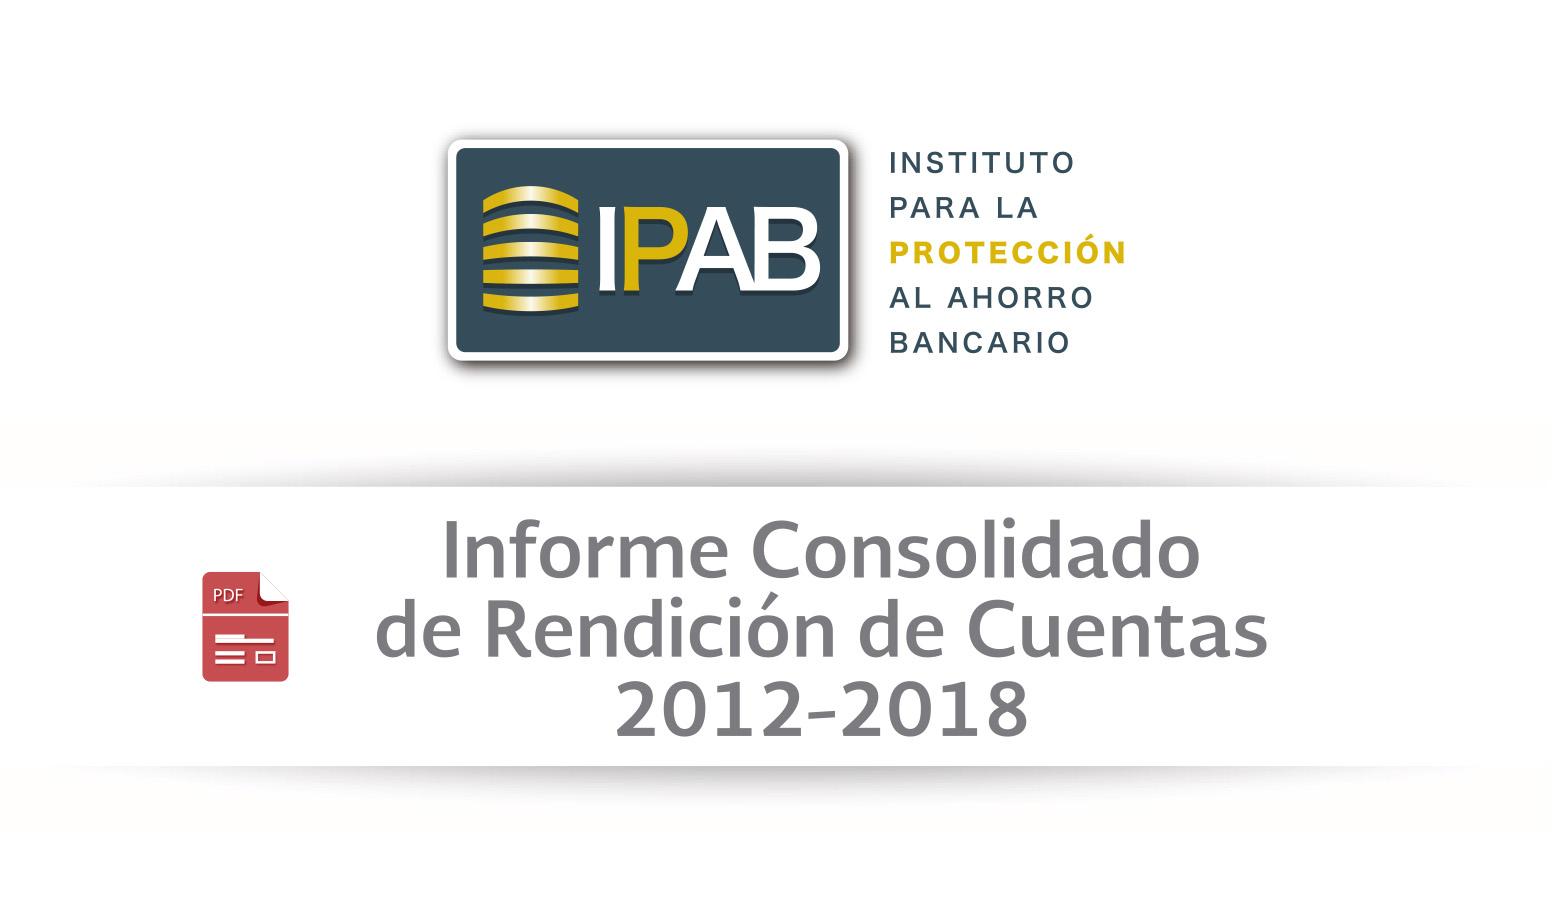 Informe Consolidado de Rendición de Cuentas 2012-2018 y Anexo del Archivo.